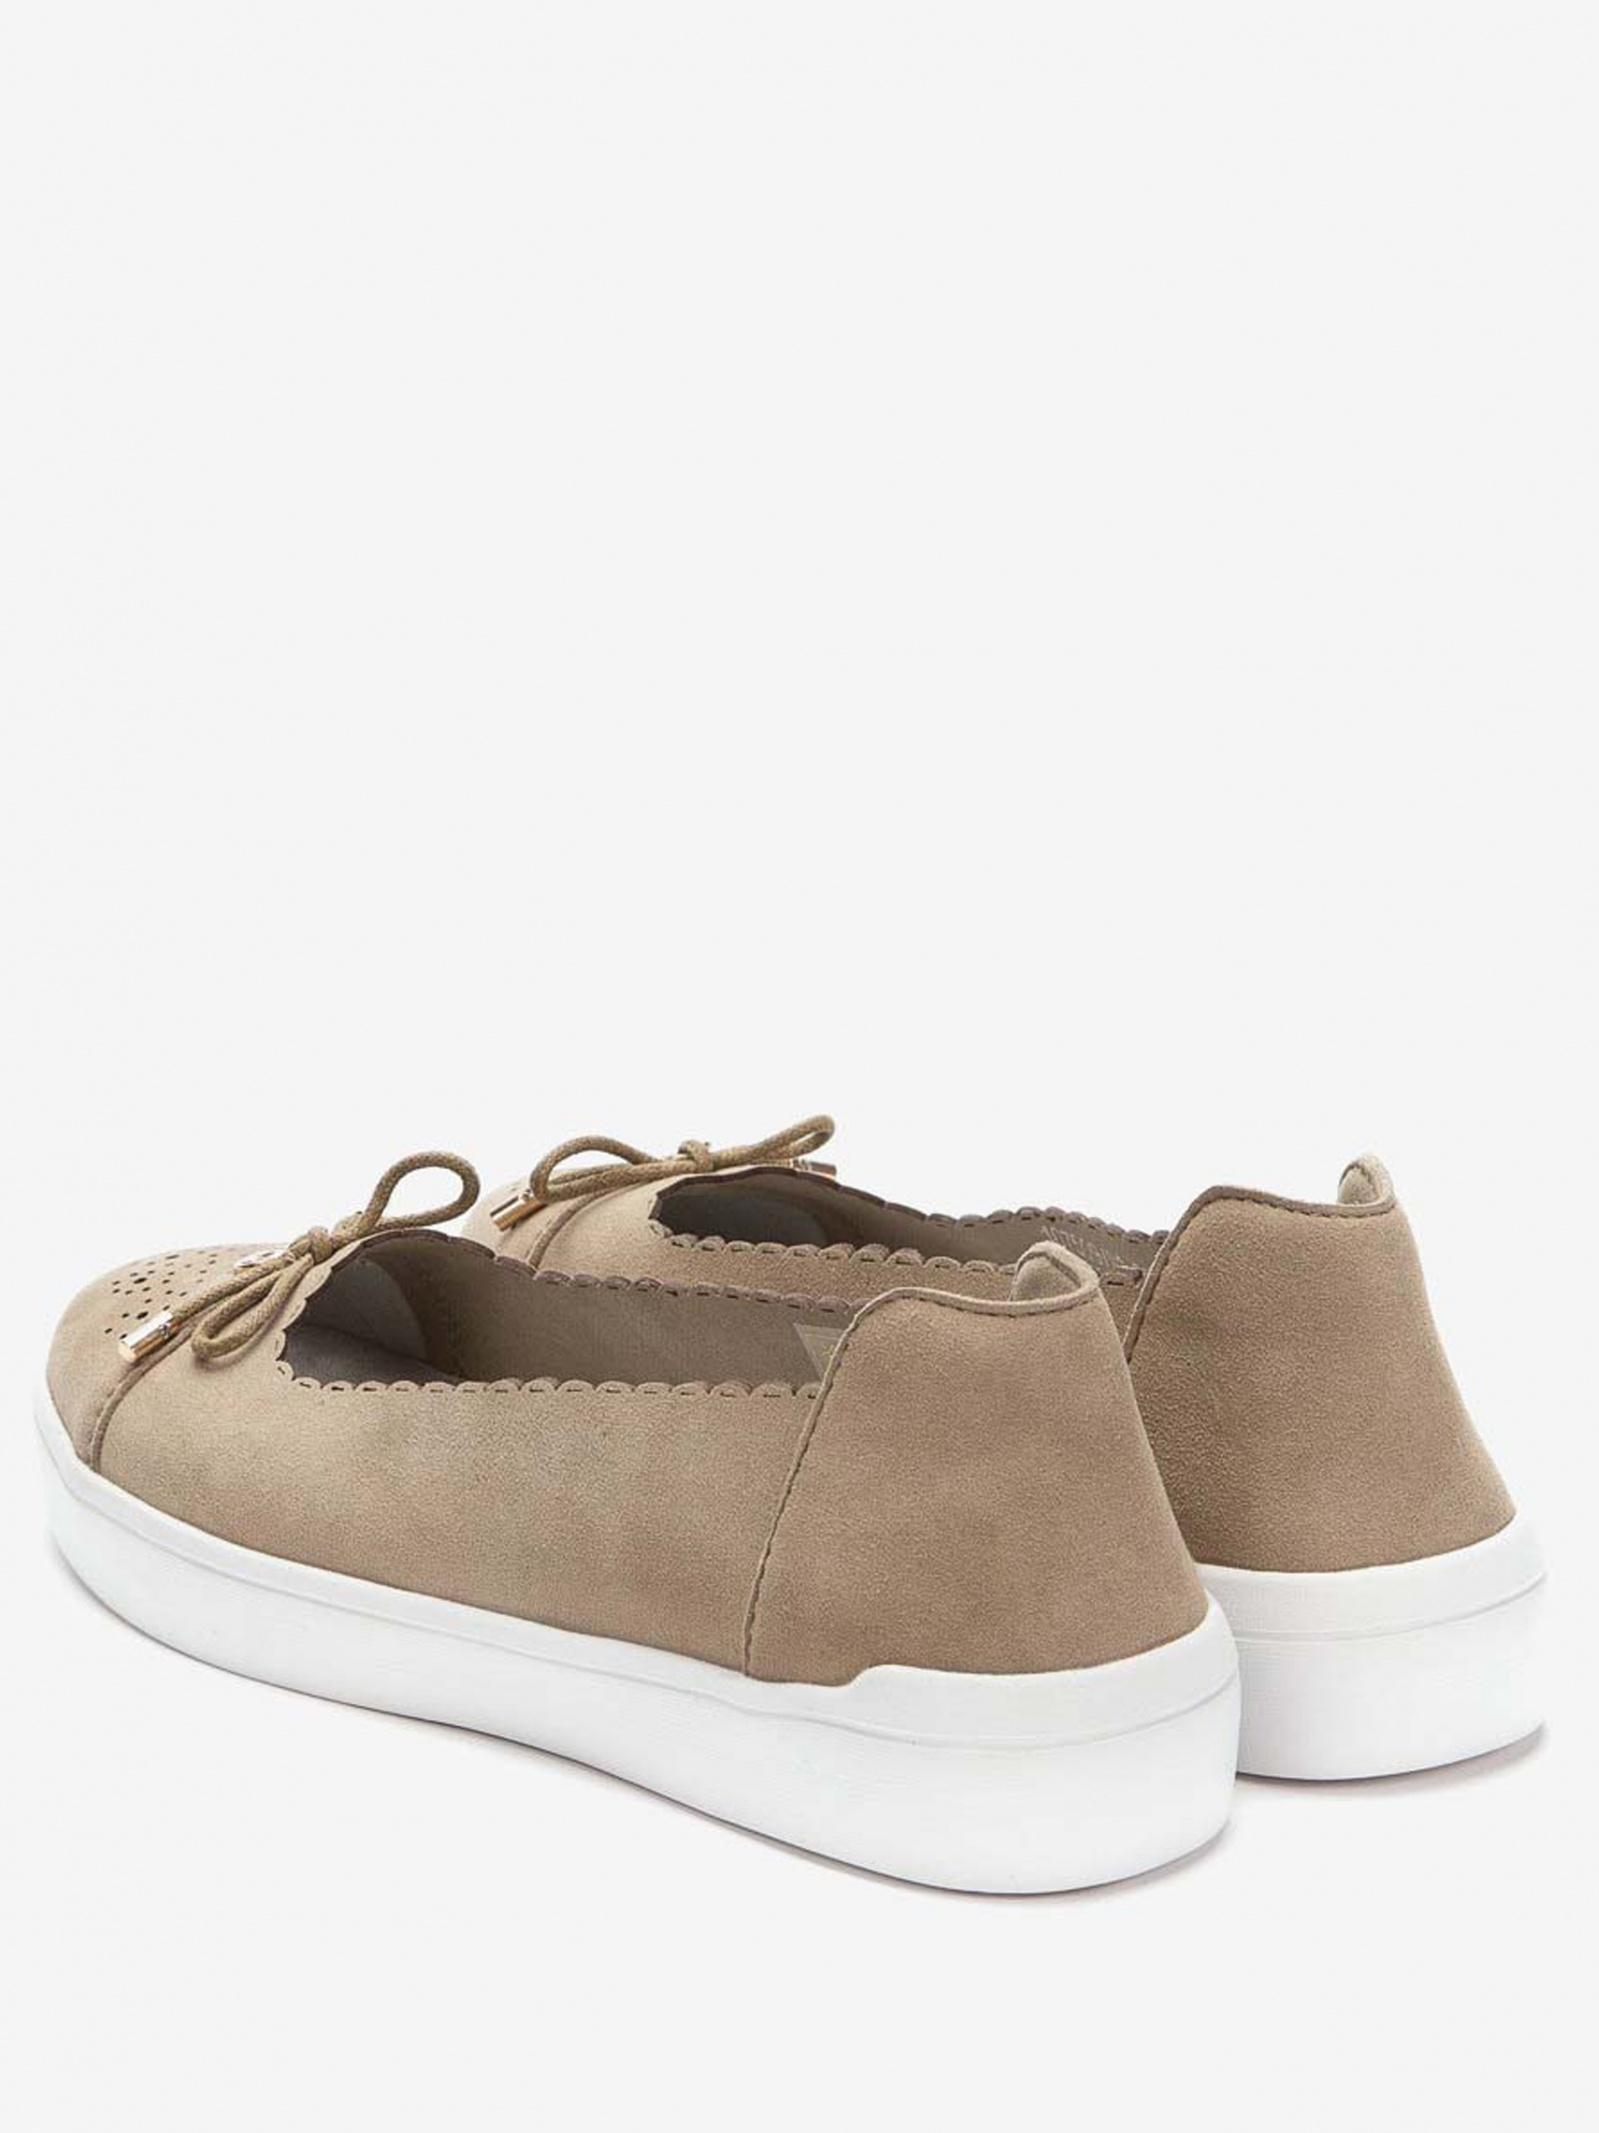 Балетки  для жінок Grunberg 107509/01-06 107509/01-06 модне взуття, 2017